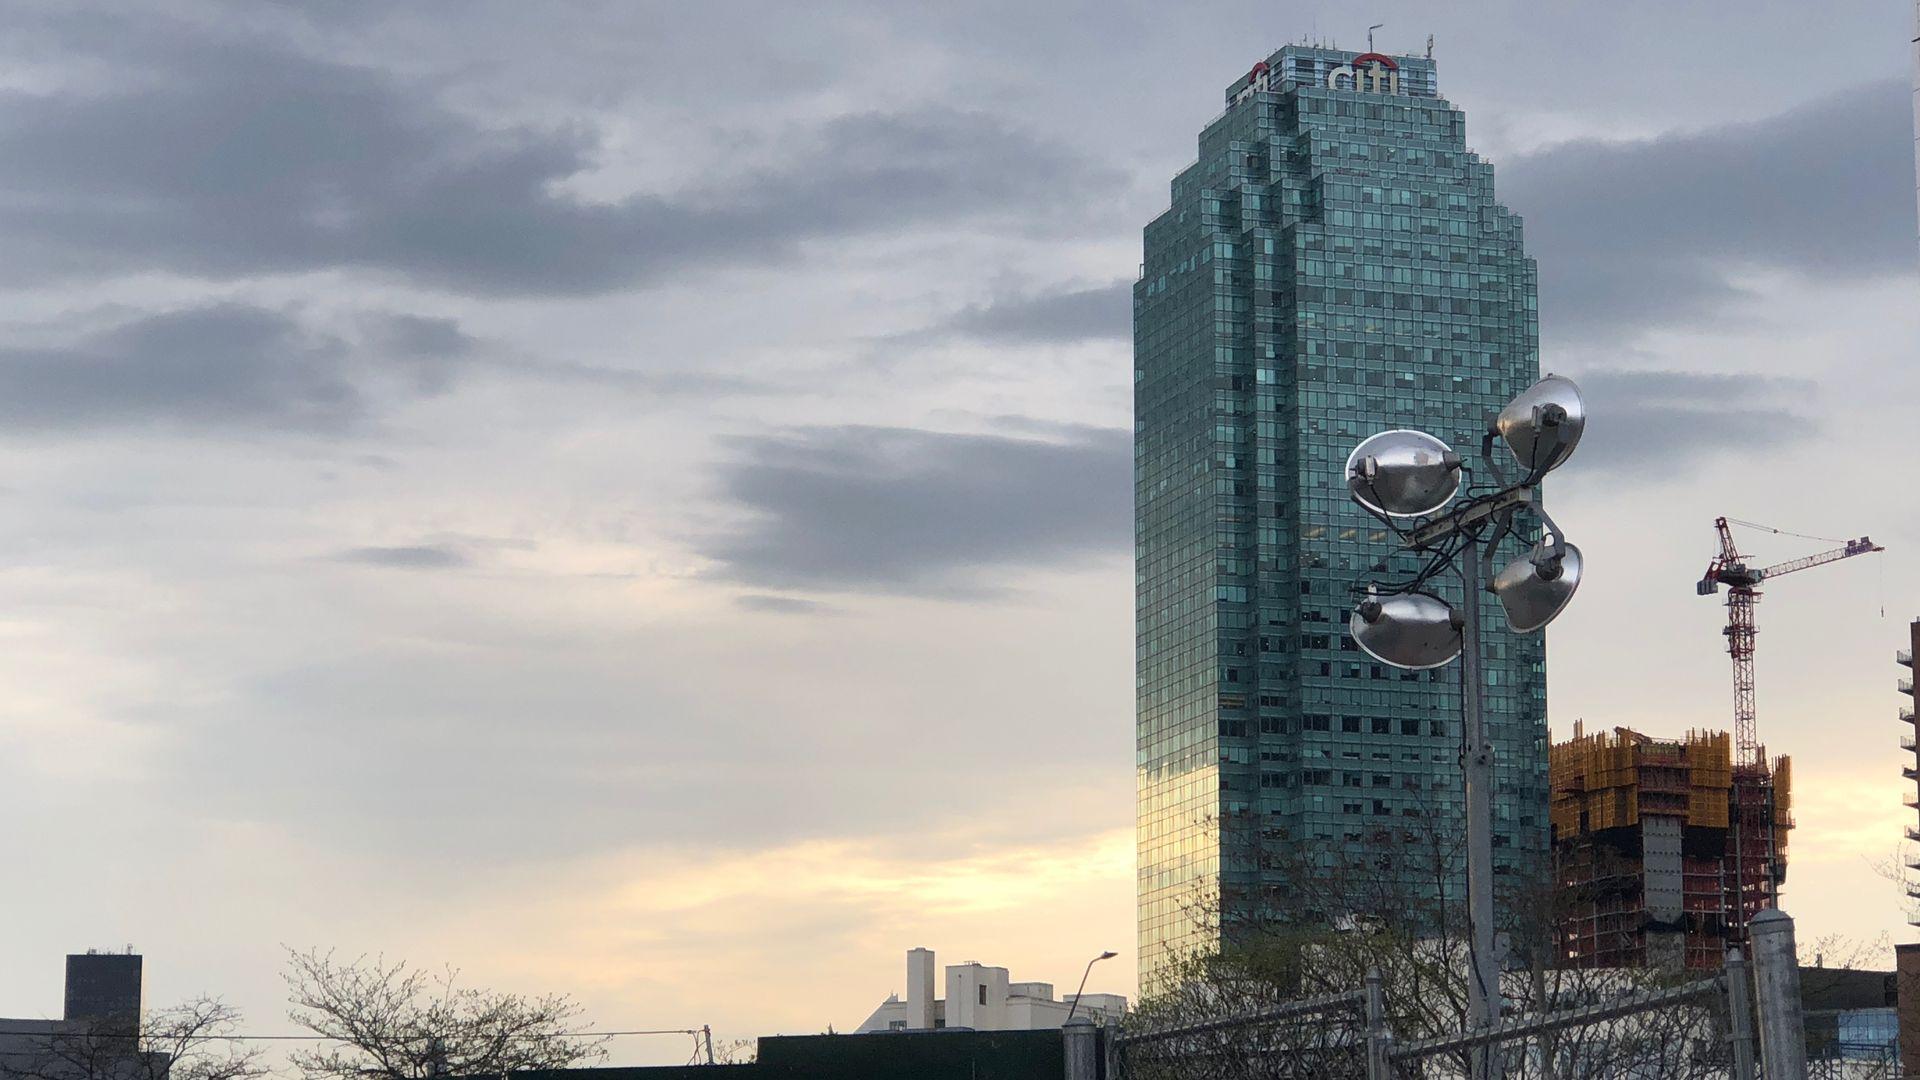 A glass skyscraper against a sunset